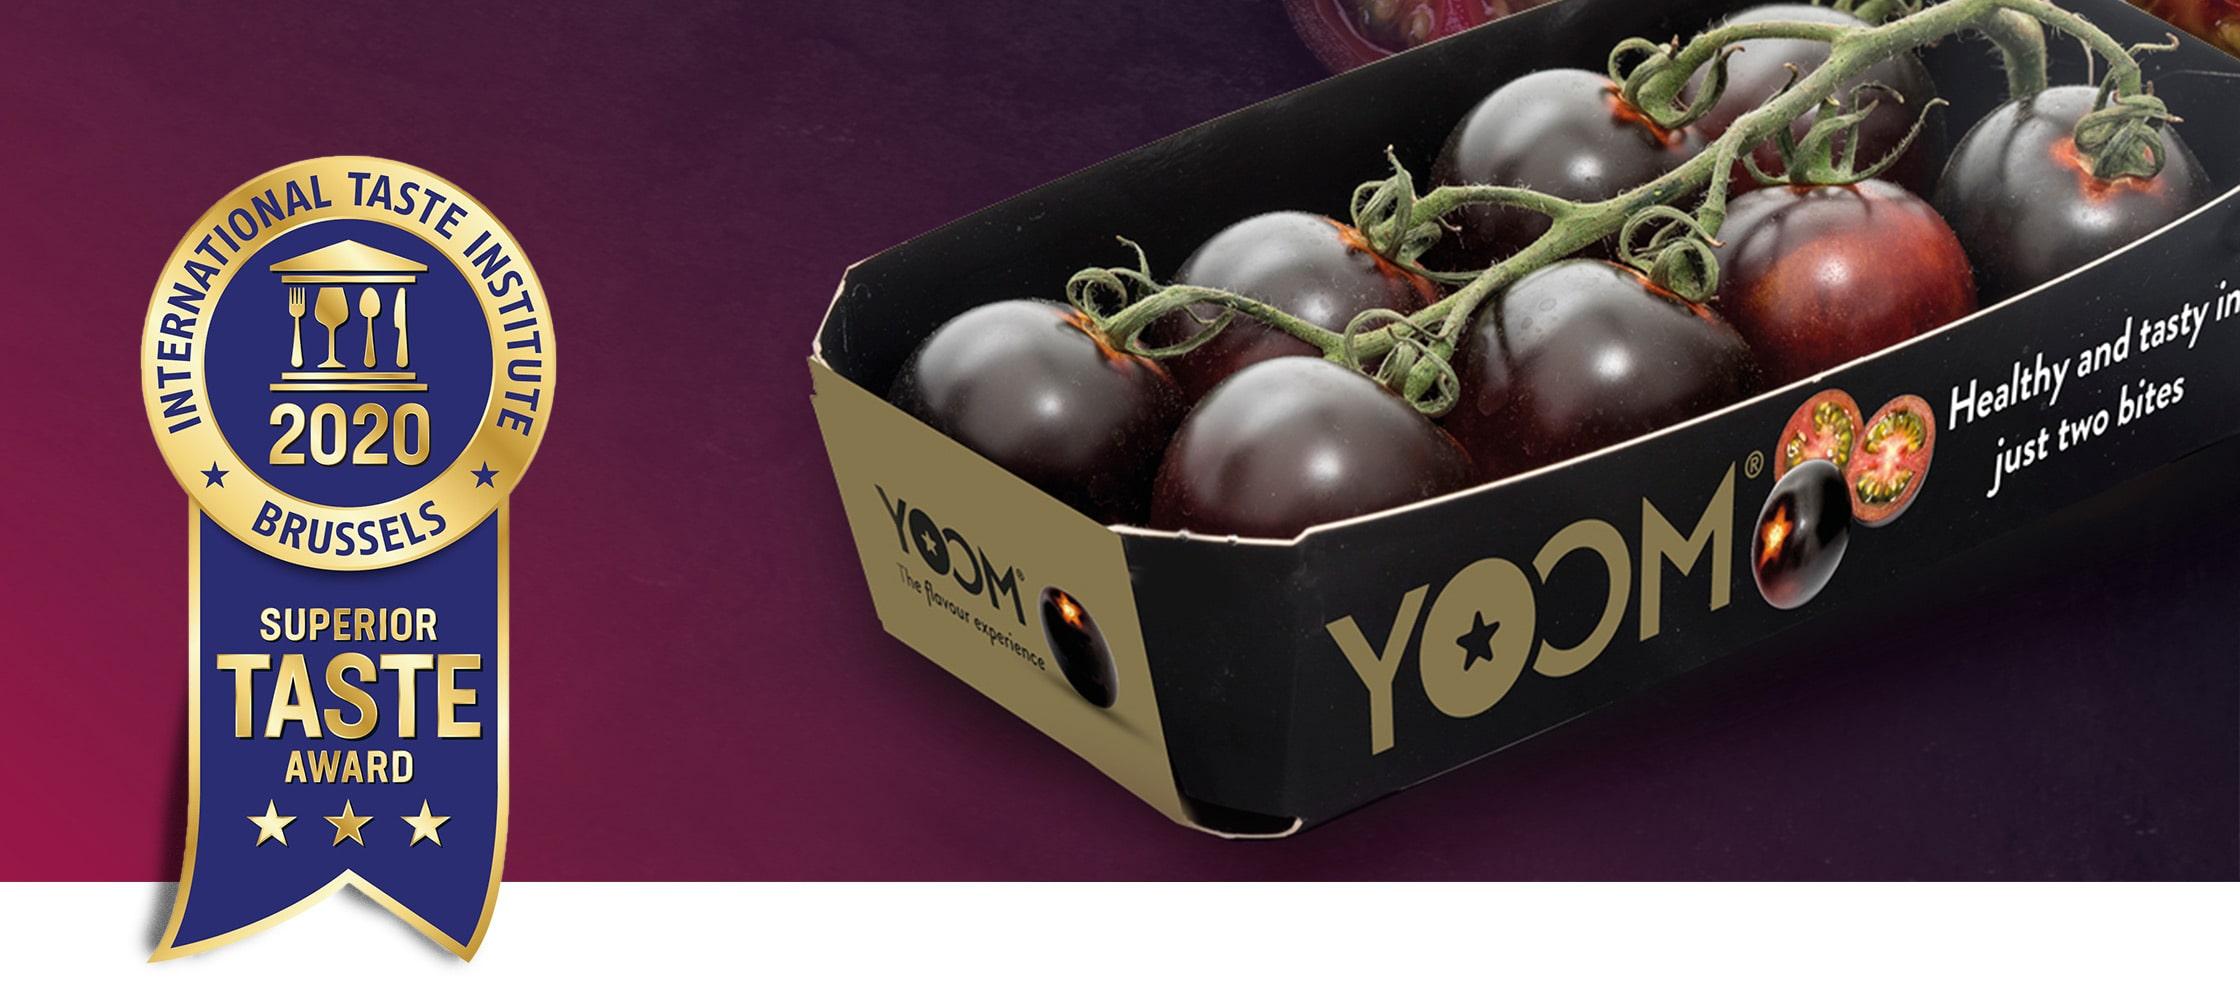 """Syngenta'nın yeni mor kokteyl domatesi YOOM ™, Uluslararası Tadım Enstitüsü'nün """"üstün lezzet ödülüne"""" layık görüldü."""